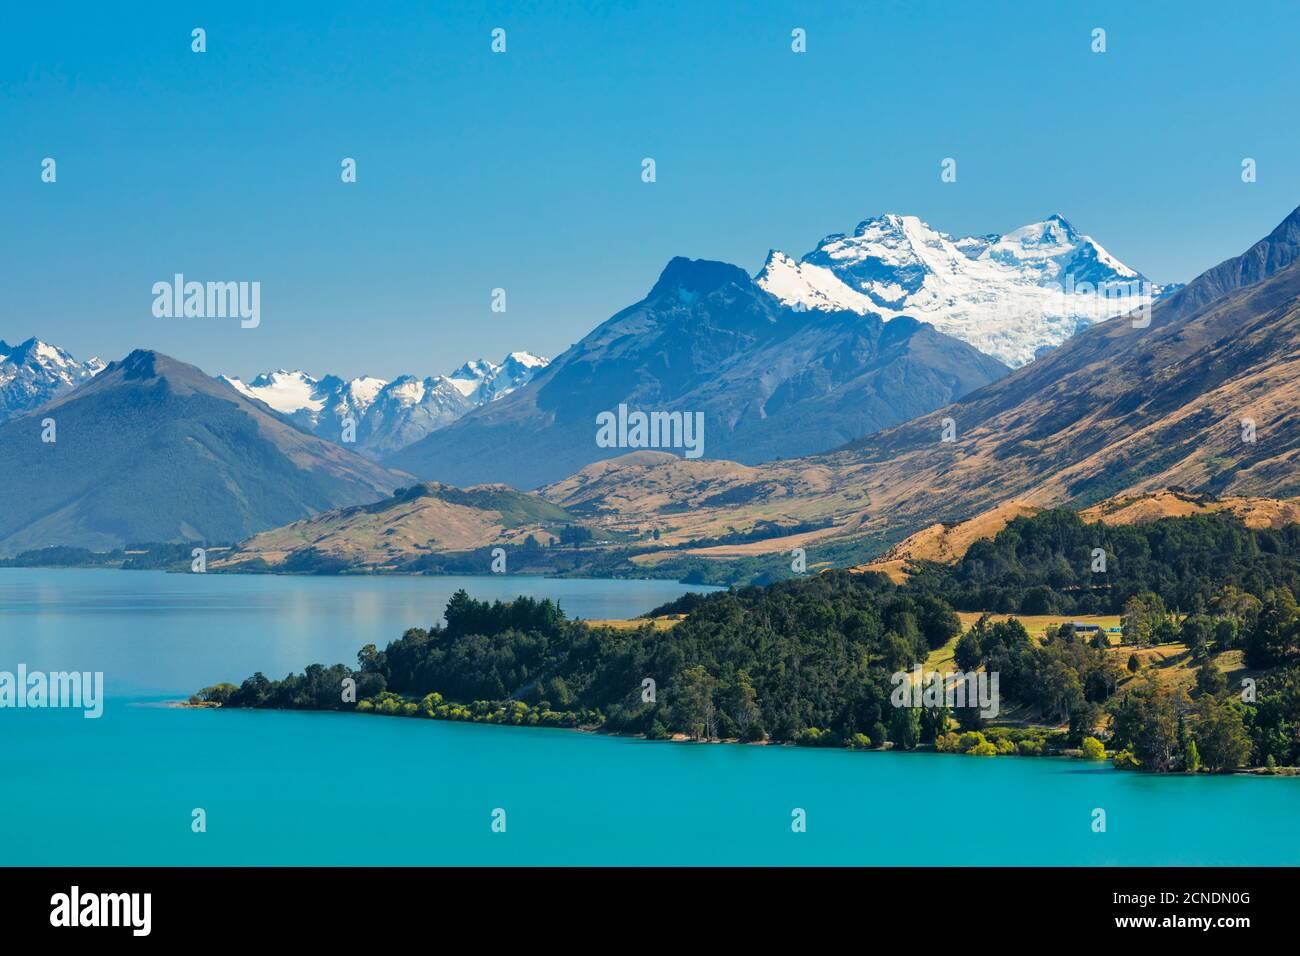 Lac Wakatipu et Mont Earnslaw enneigé, Queenstown, Otago, Île du Sud, Nouvelle-Zélande, Pacifique Banque D'Images